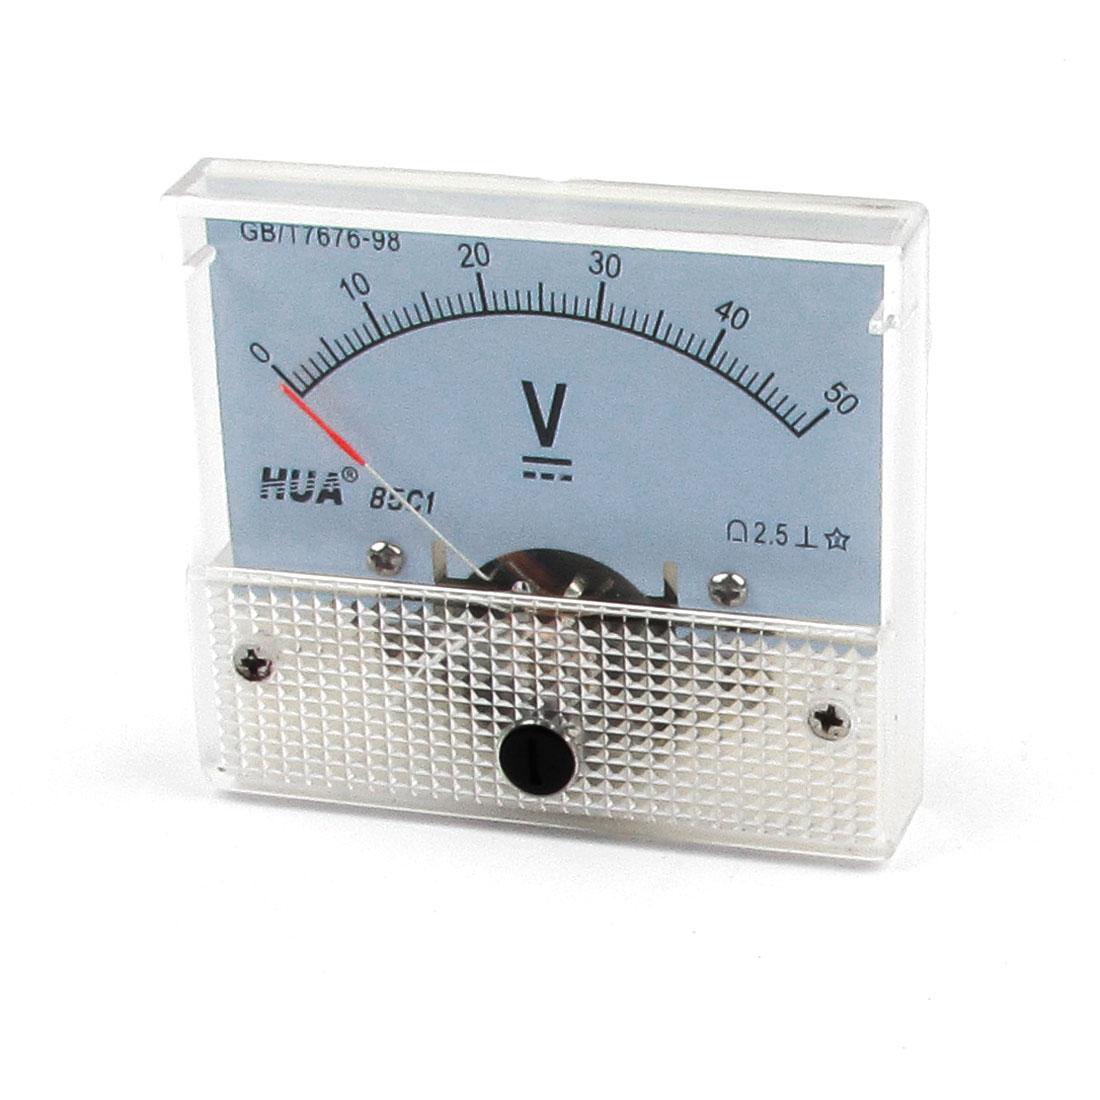 Screw Mounted Plastic Housing Voltage Testing DC 50V Volt Meter Gauge